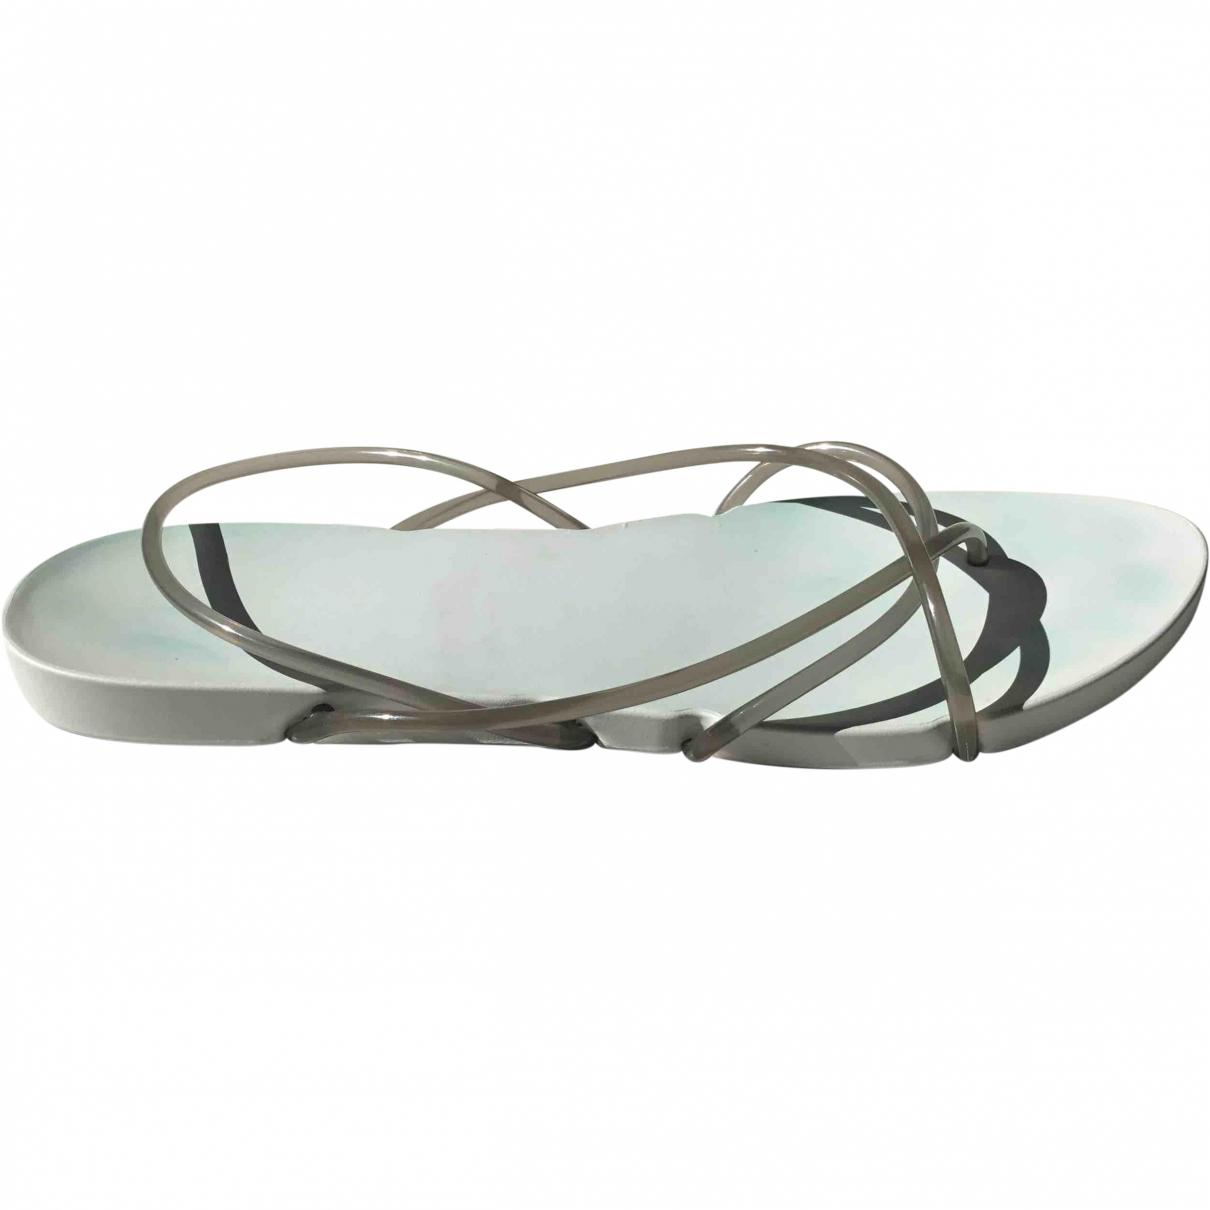 Starck \N Grey Rubber Sandals for Women 41.5 EU